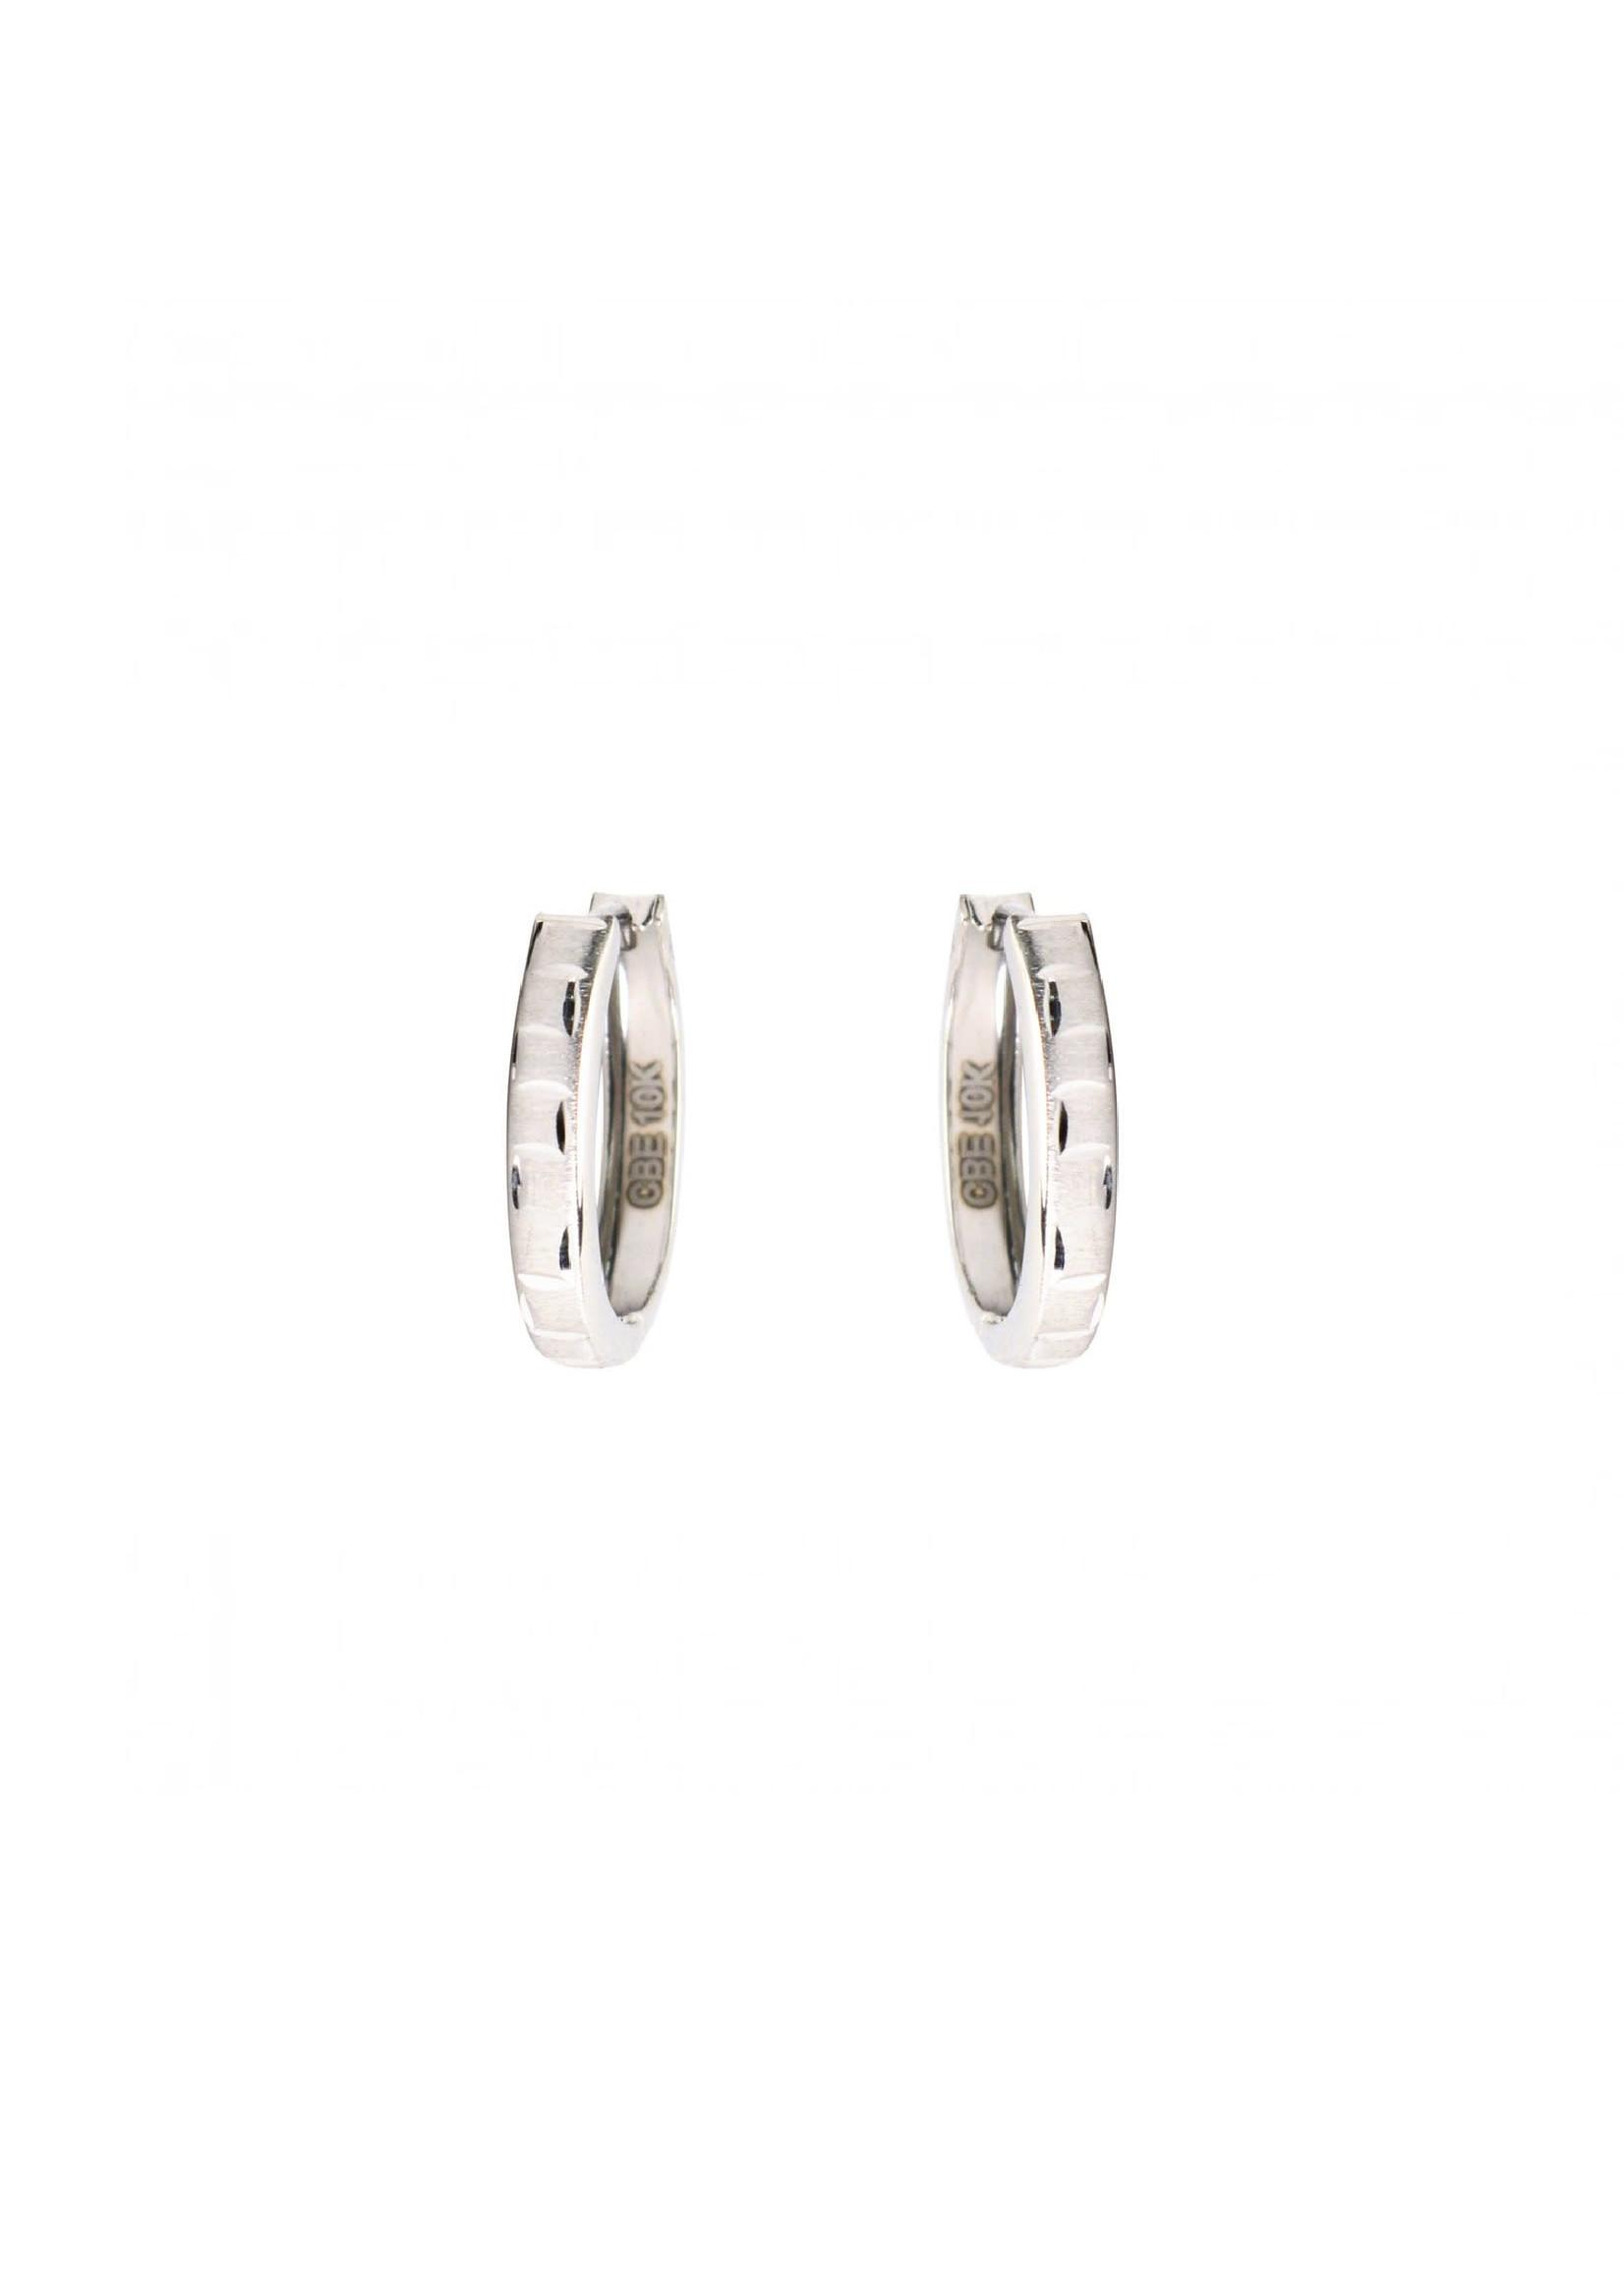 PARÉ Boucles d'oreilles Versace Ovales Huggies Or blanc 10K